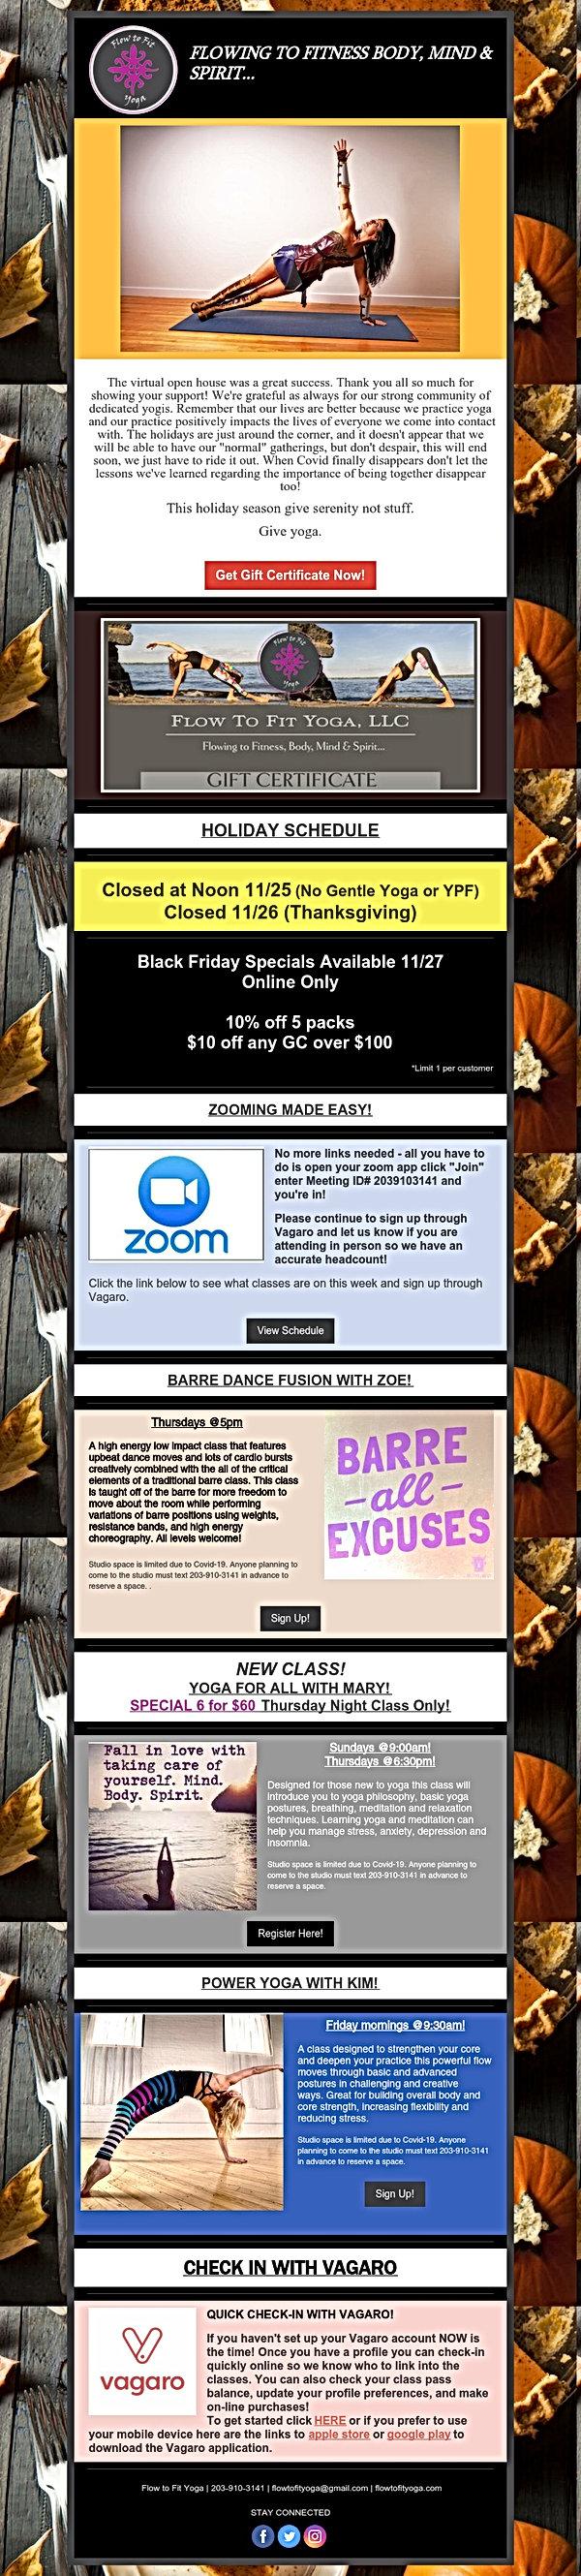 November Newsletter 2020.jpg